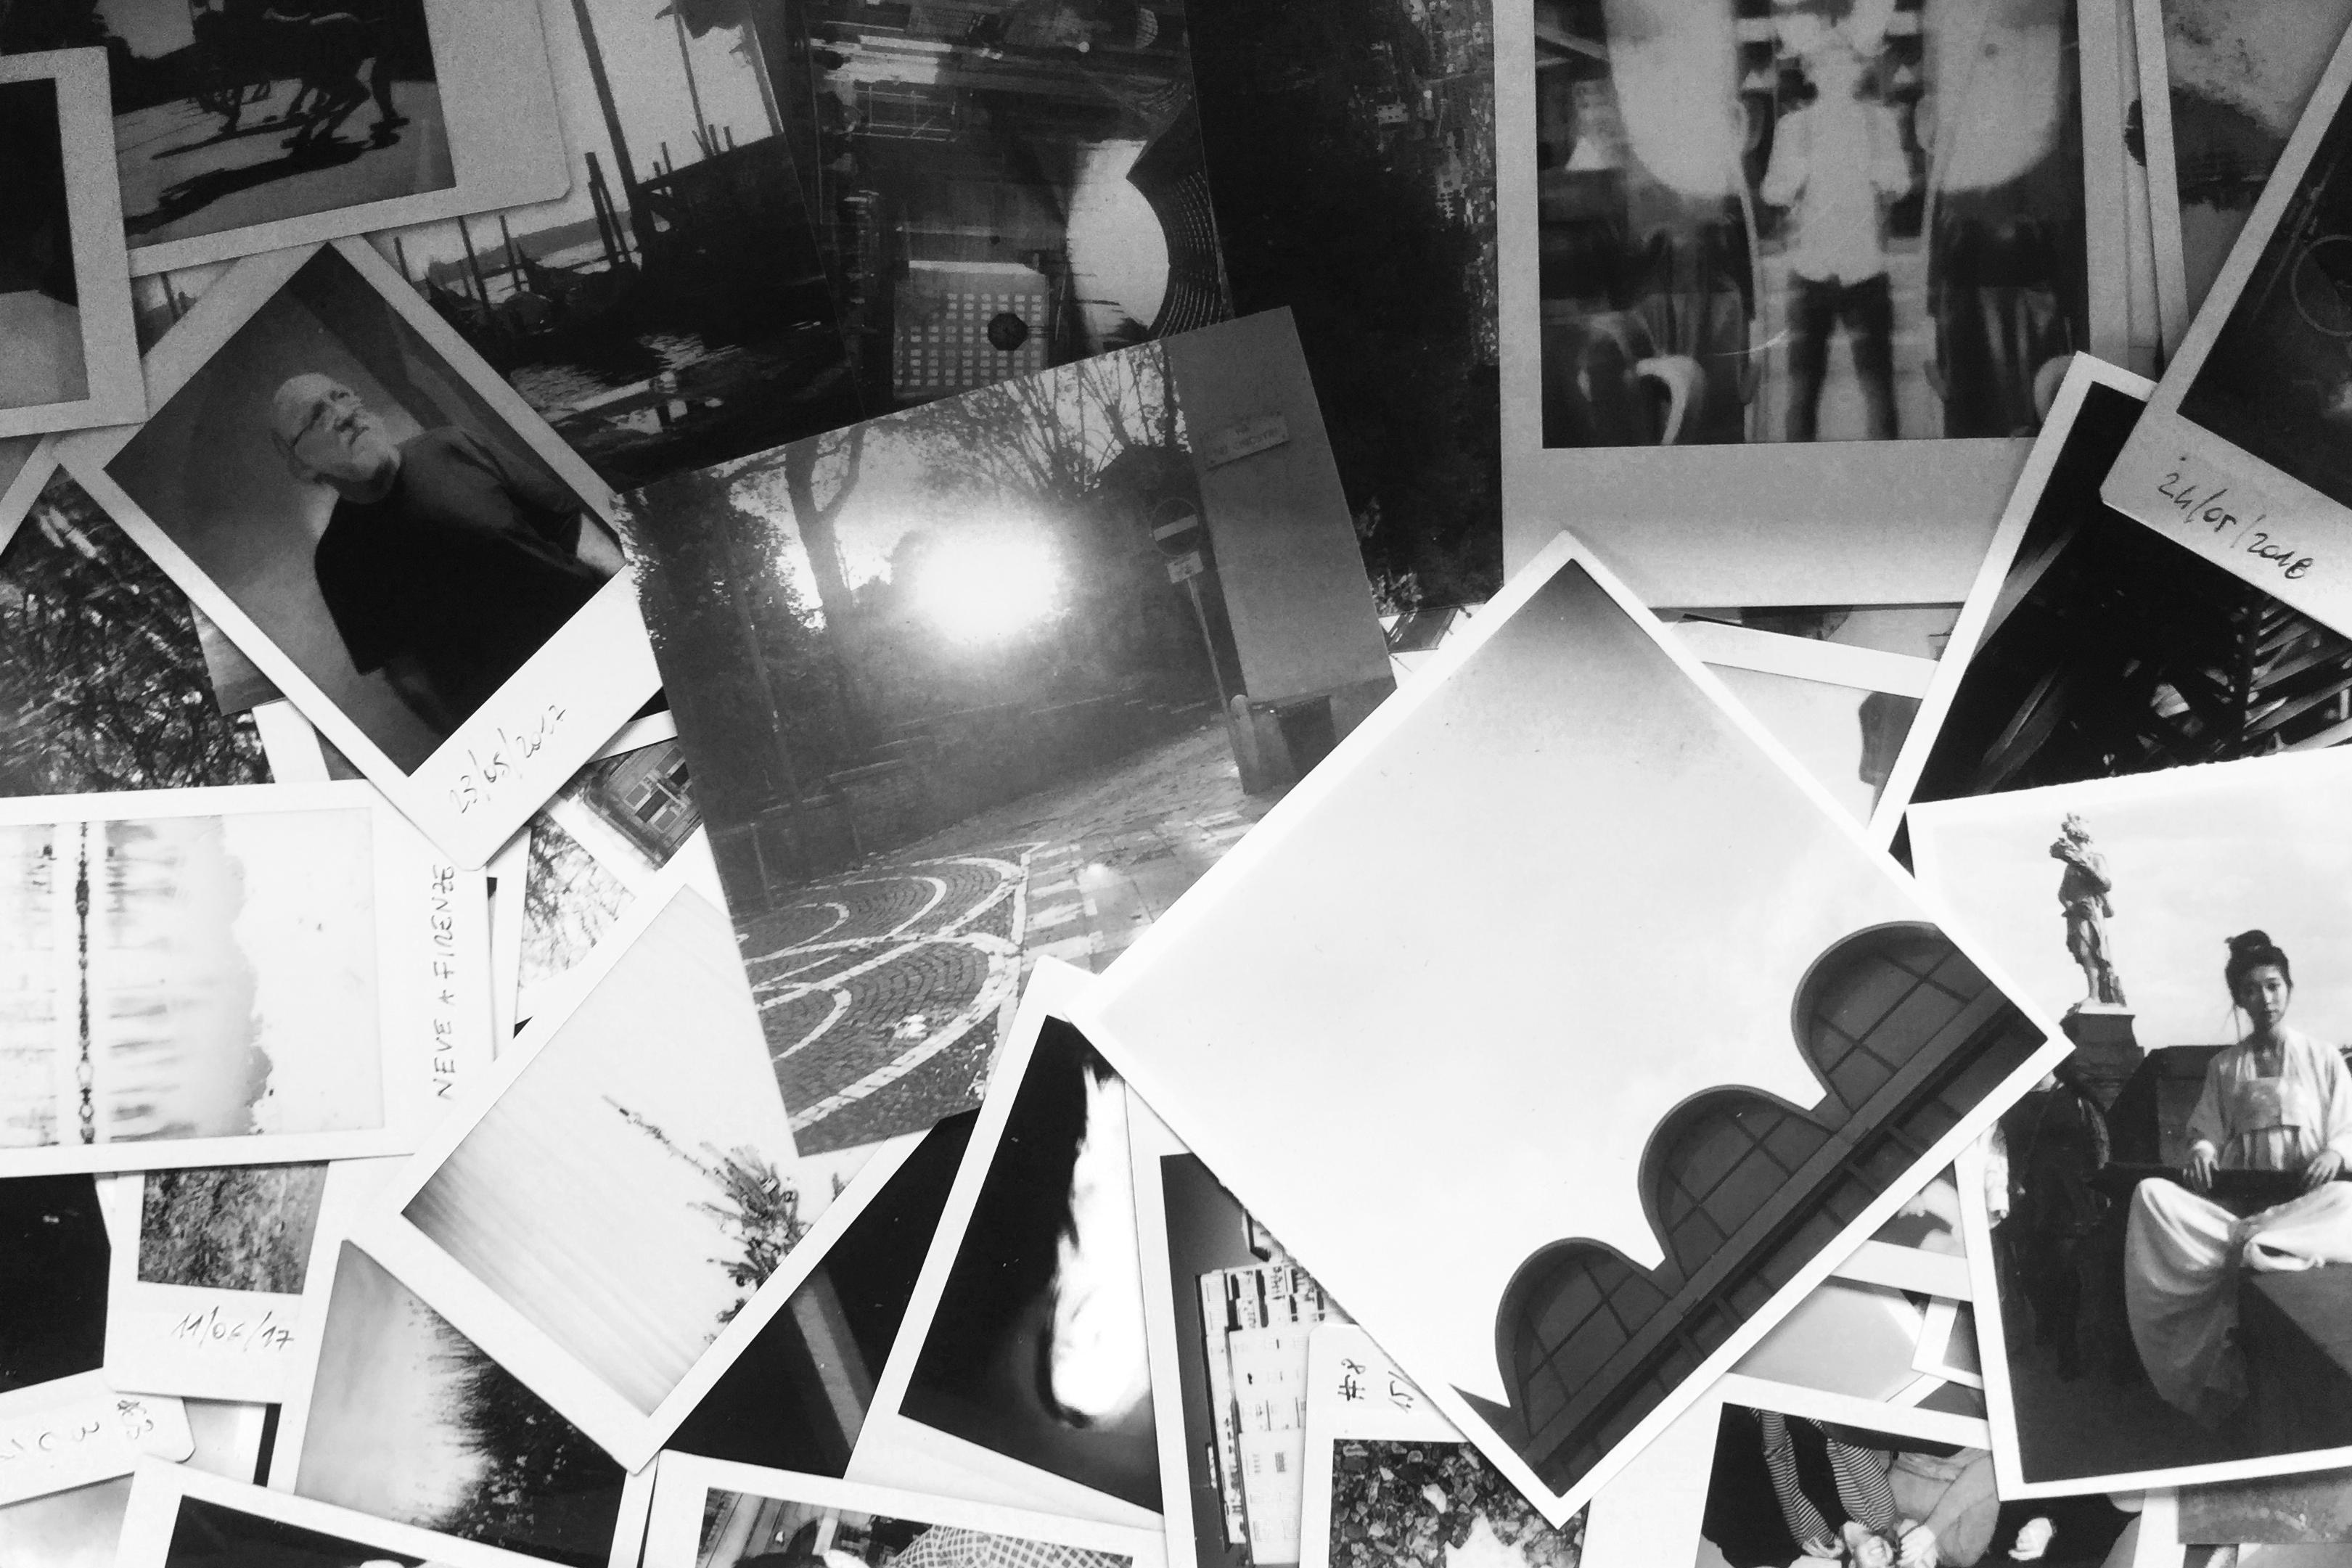 Immagini stampate | Stampa